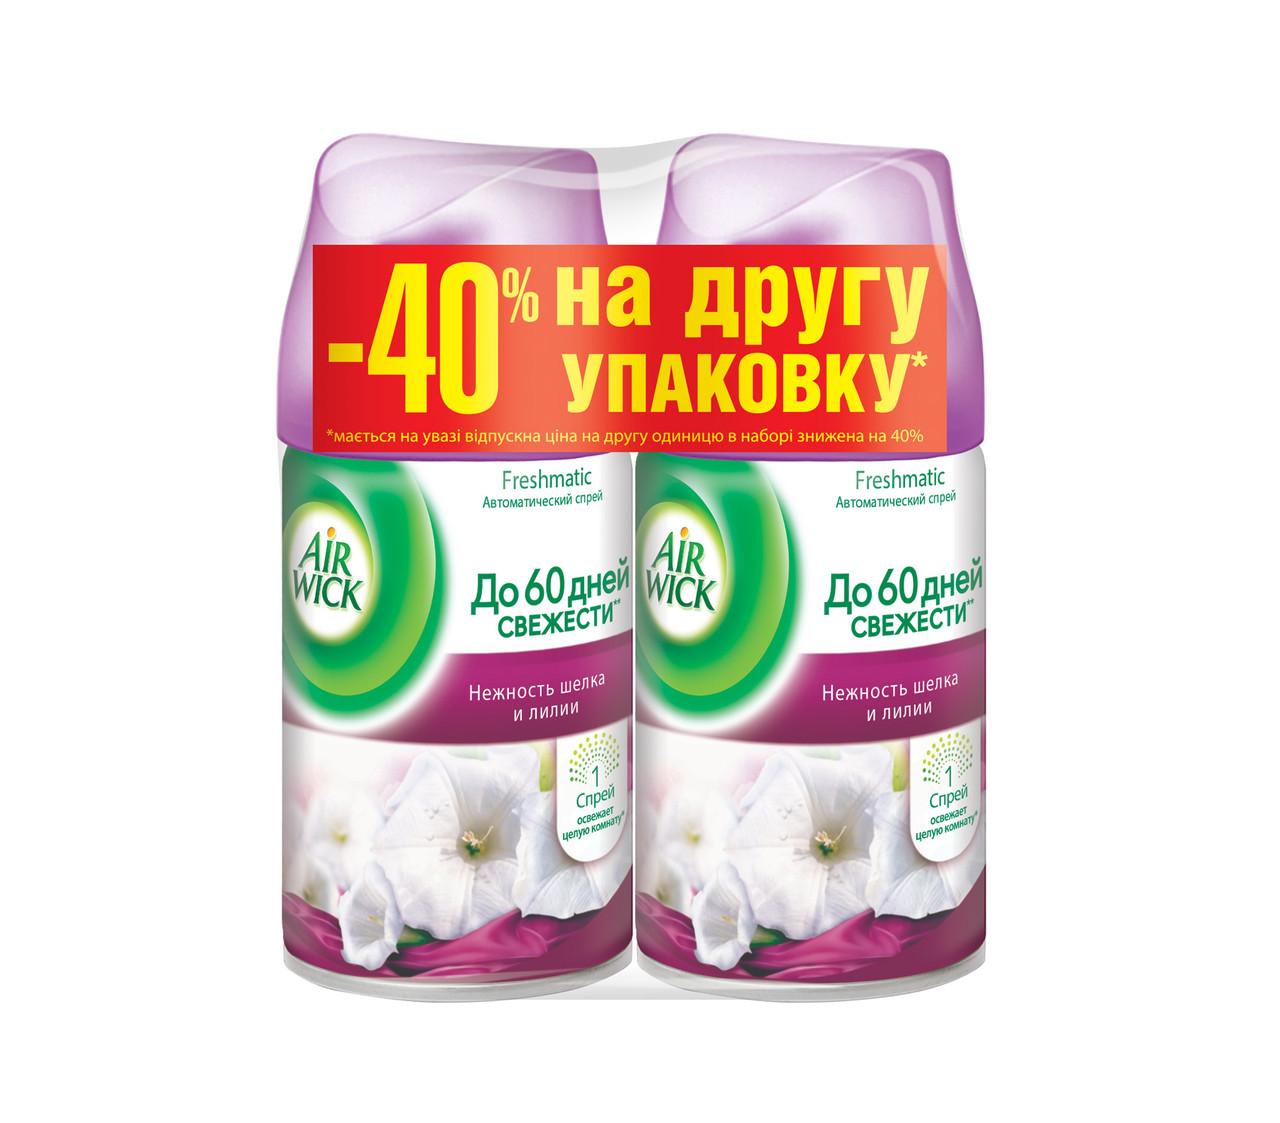 DUO PACK ARW FMAT REFIL Ніжність шовку та лілії (-40% on 2nd)